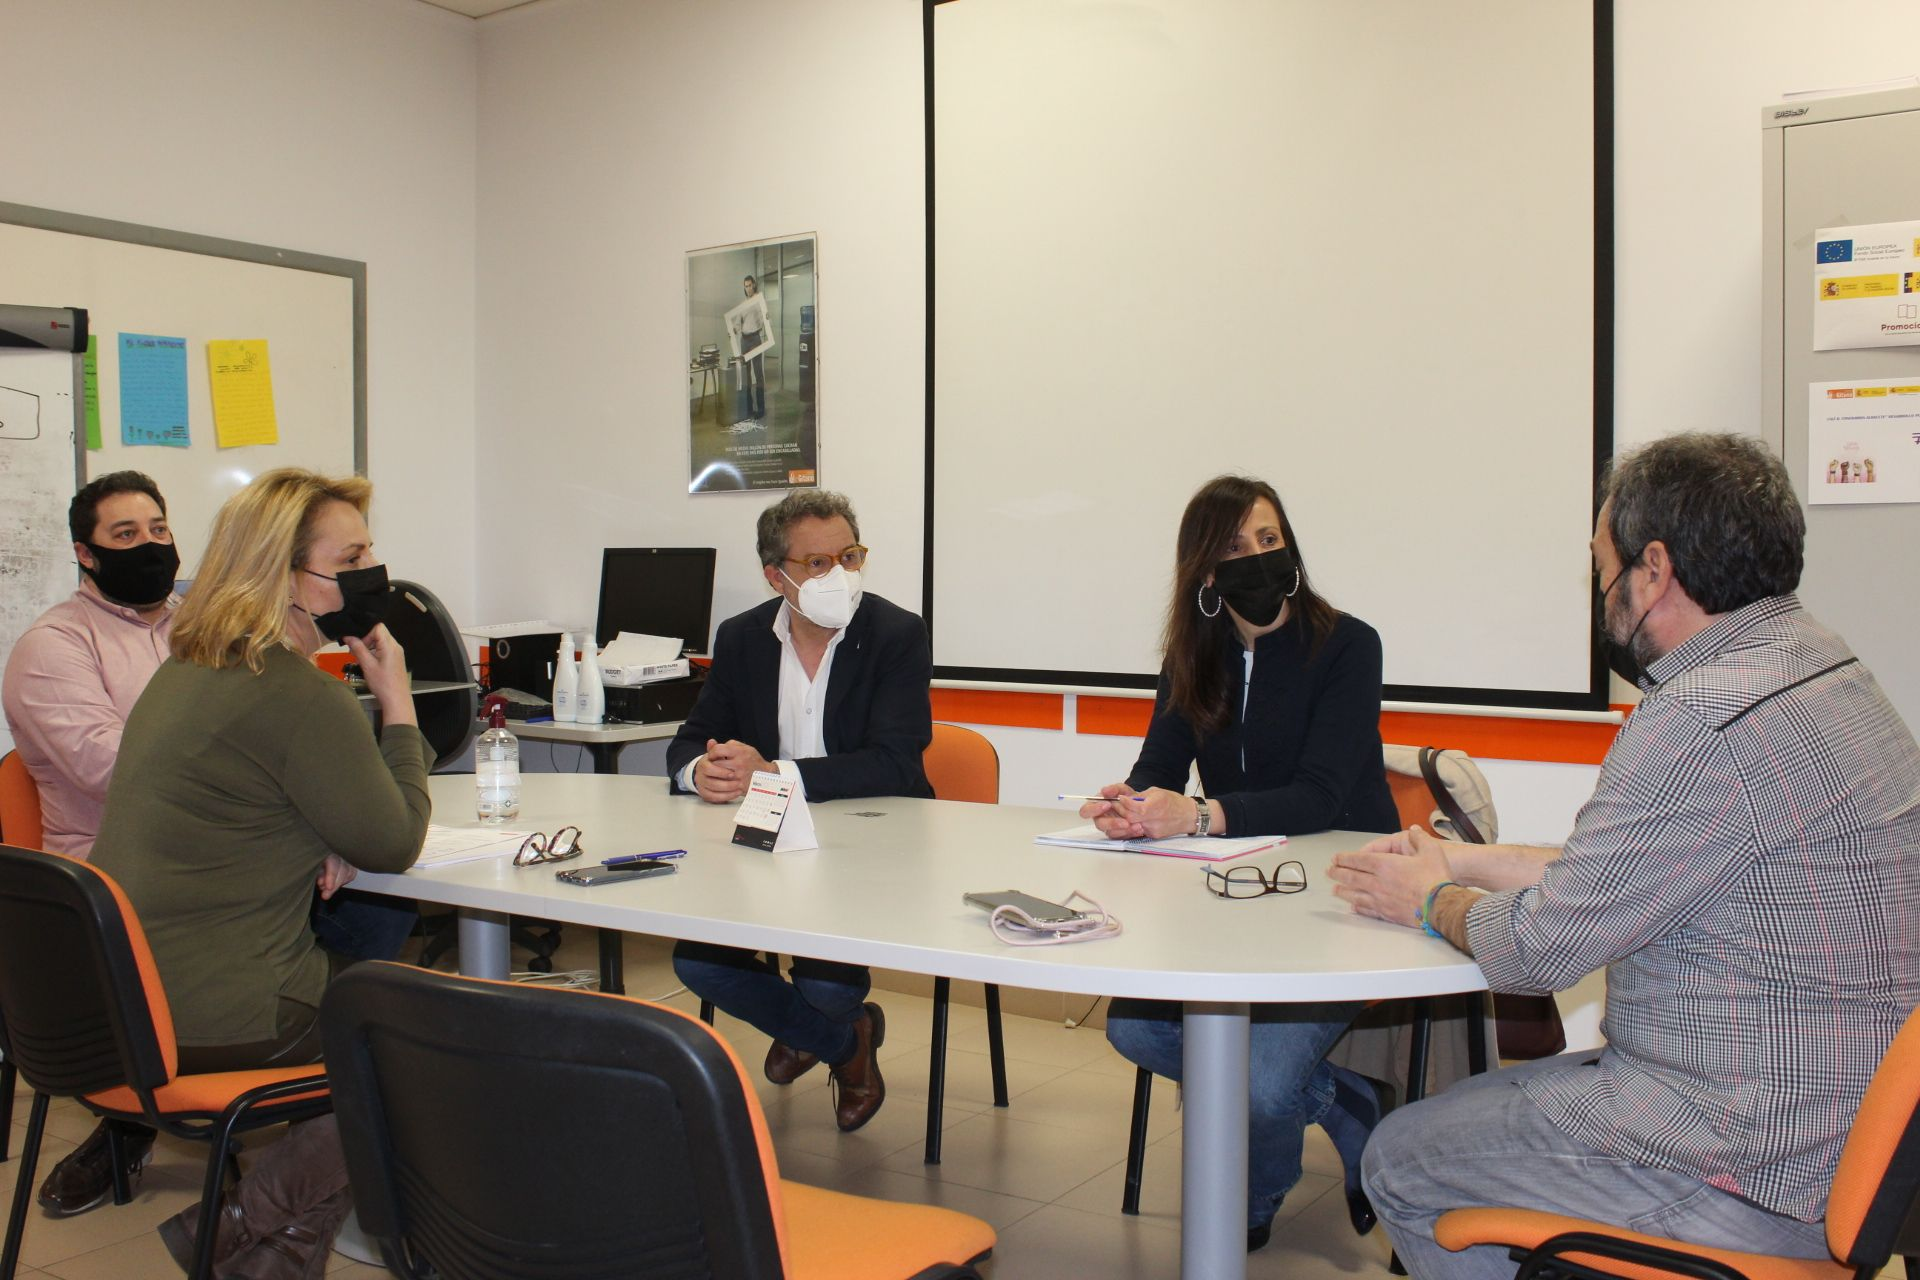 Antonio Martínez y María Gil destacan la importante labor de la Fundación Secretariado Gitano en tareas de Educación, Empleo y reducción de la brecha digital